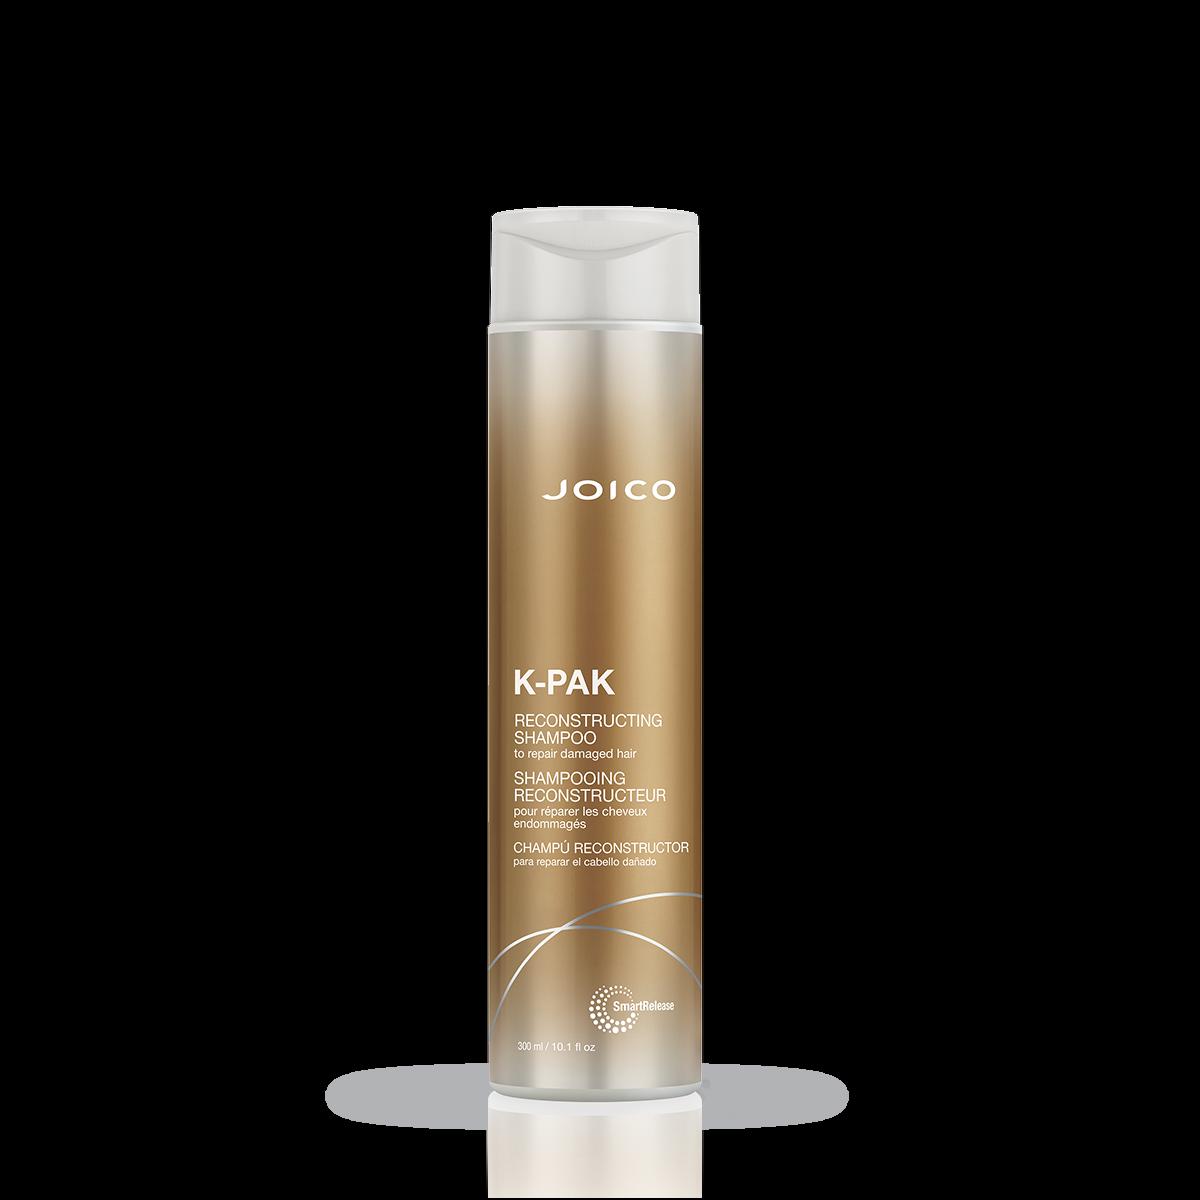 JOICO KPAK Reconstructing shampoo